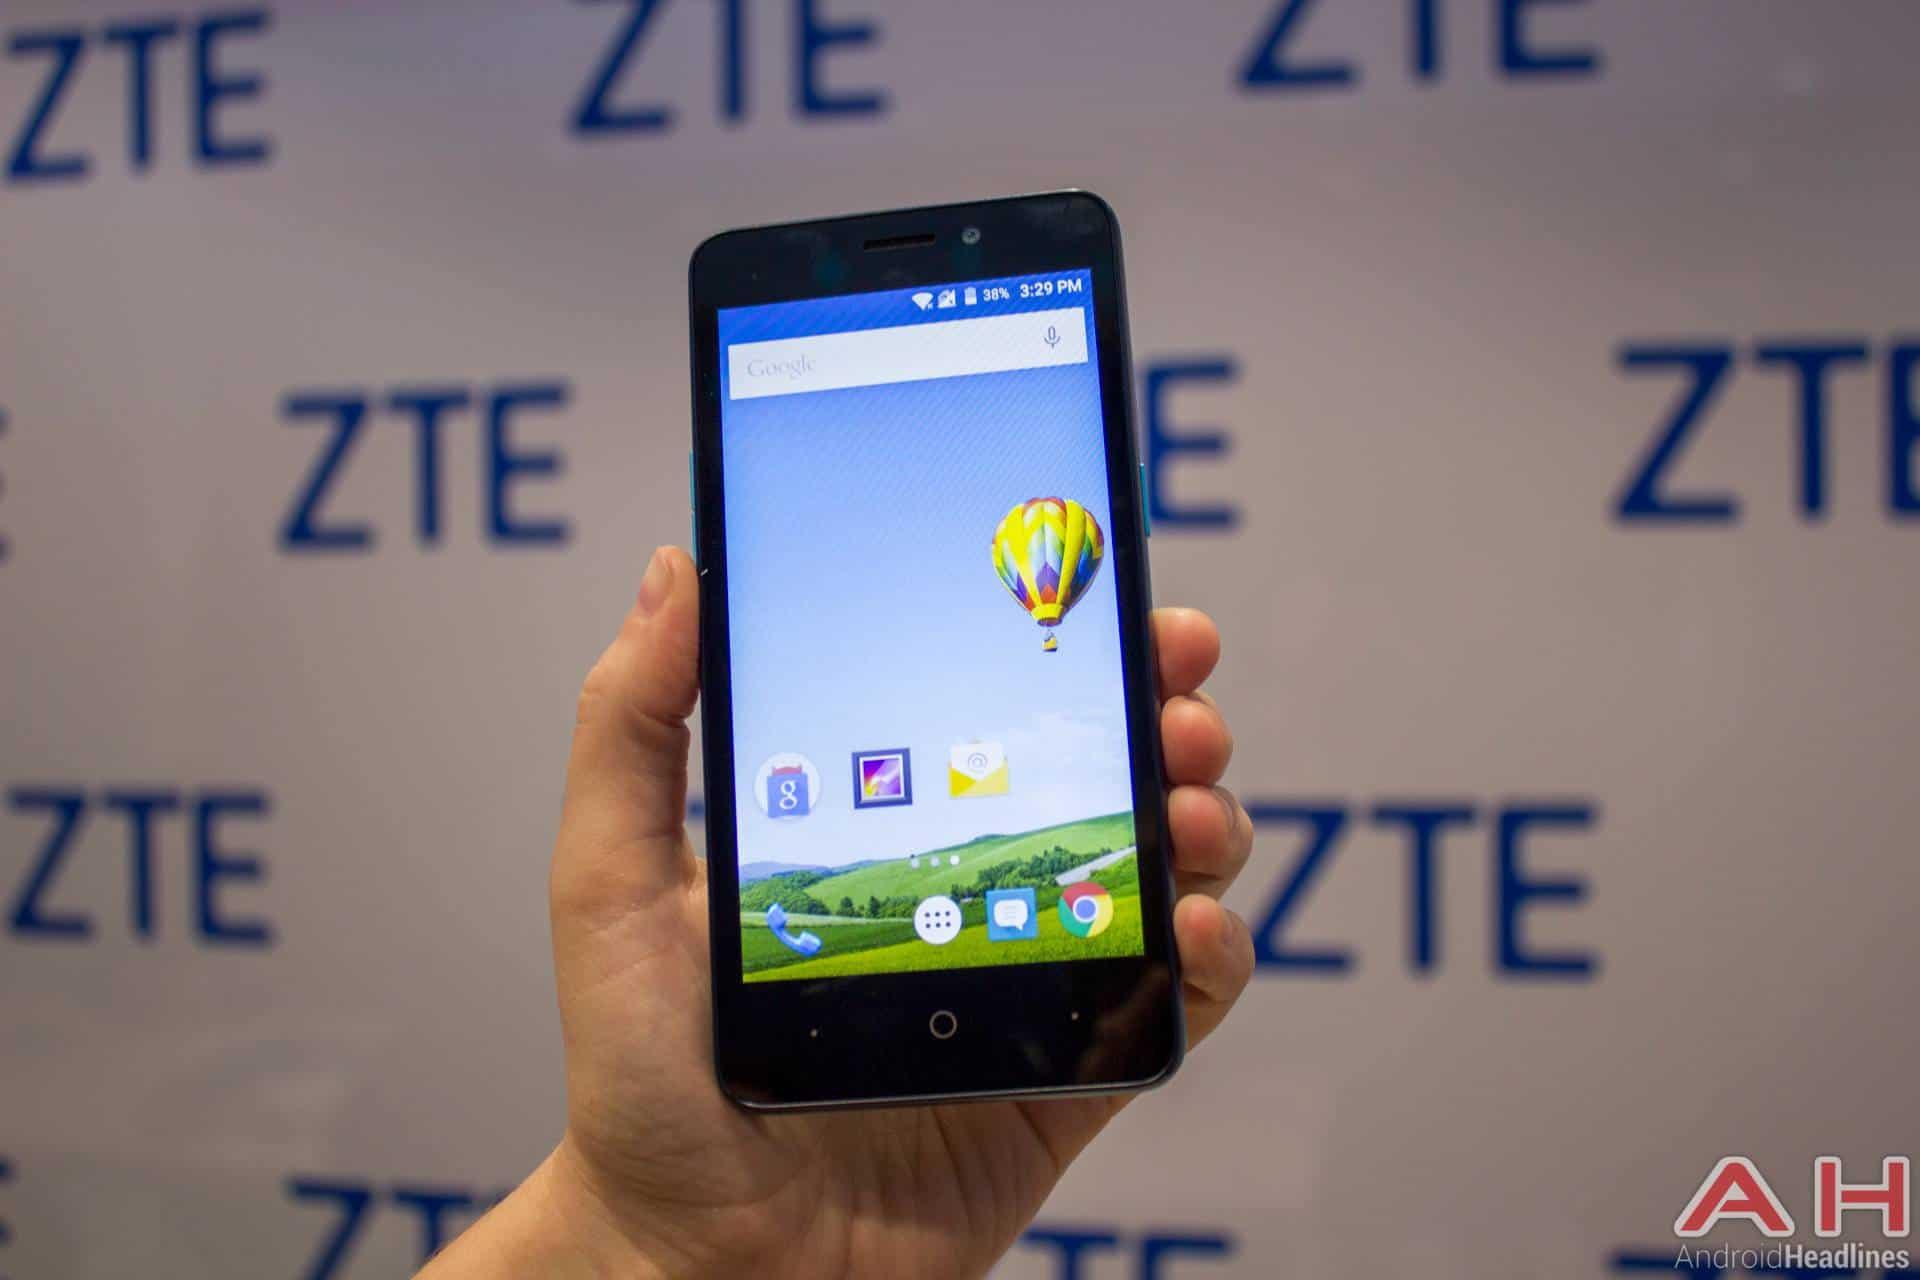 ZTE Avid Plus 1